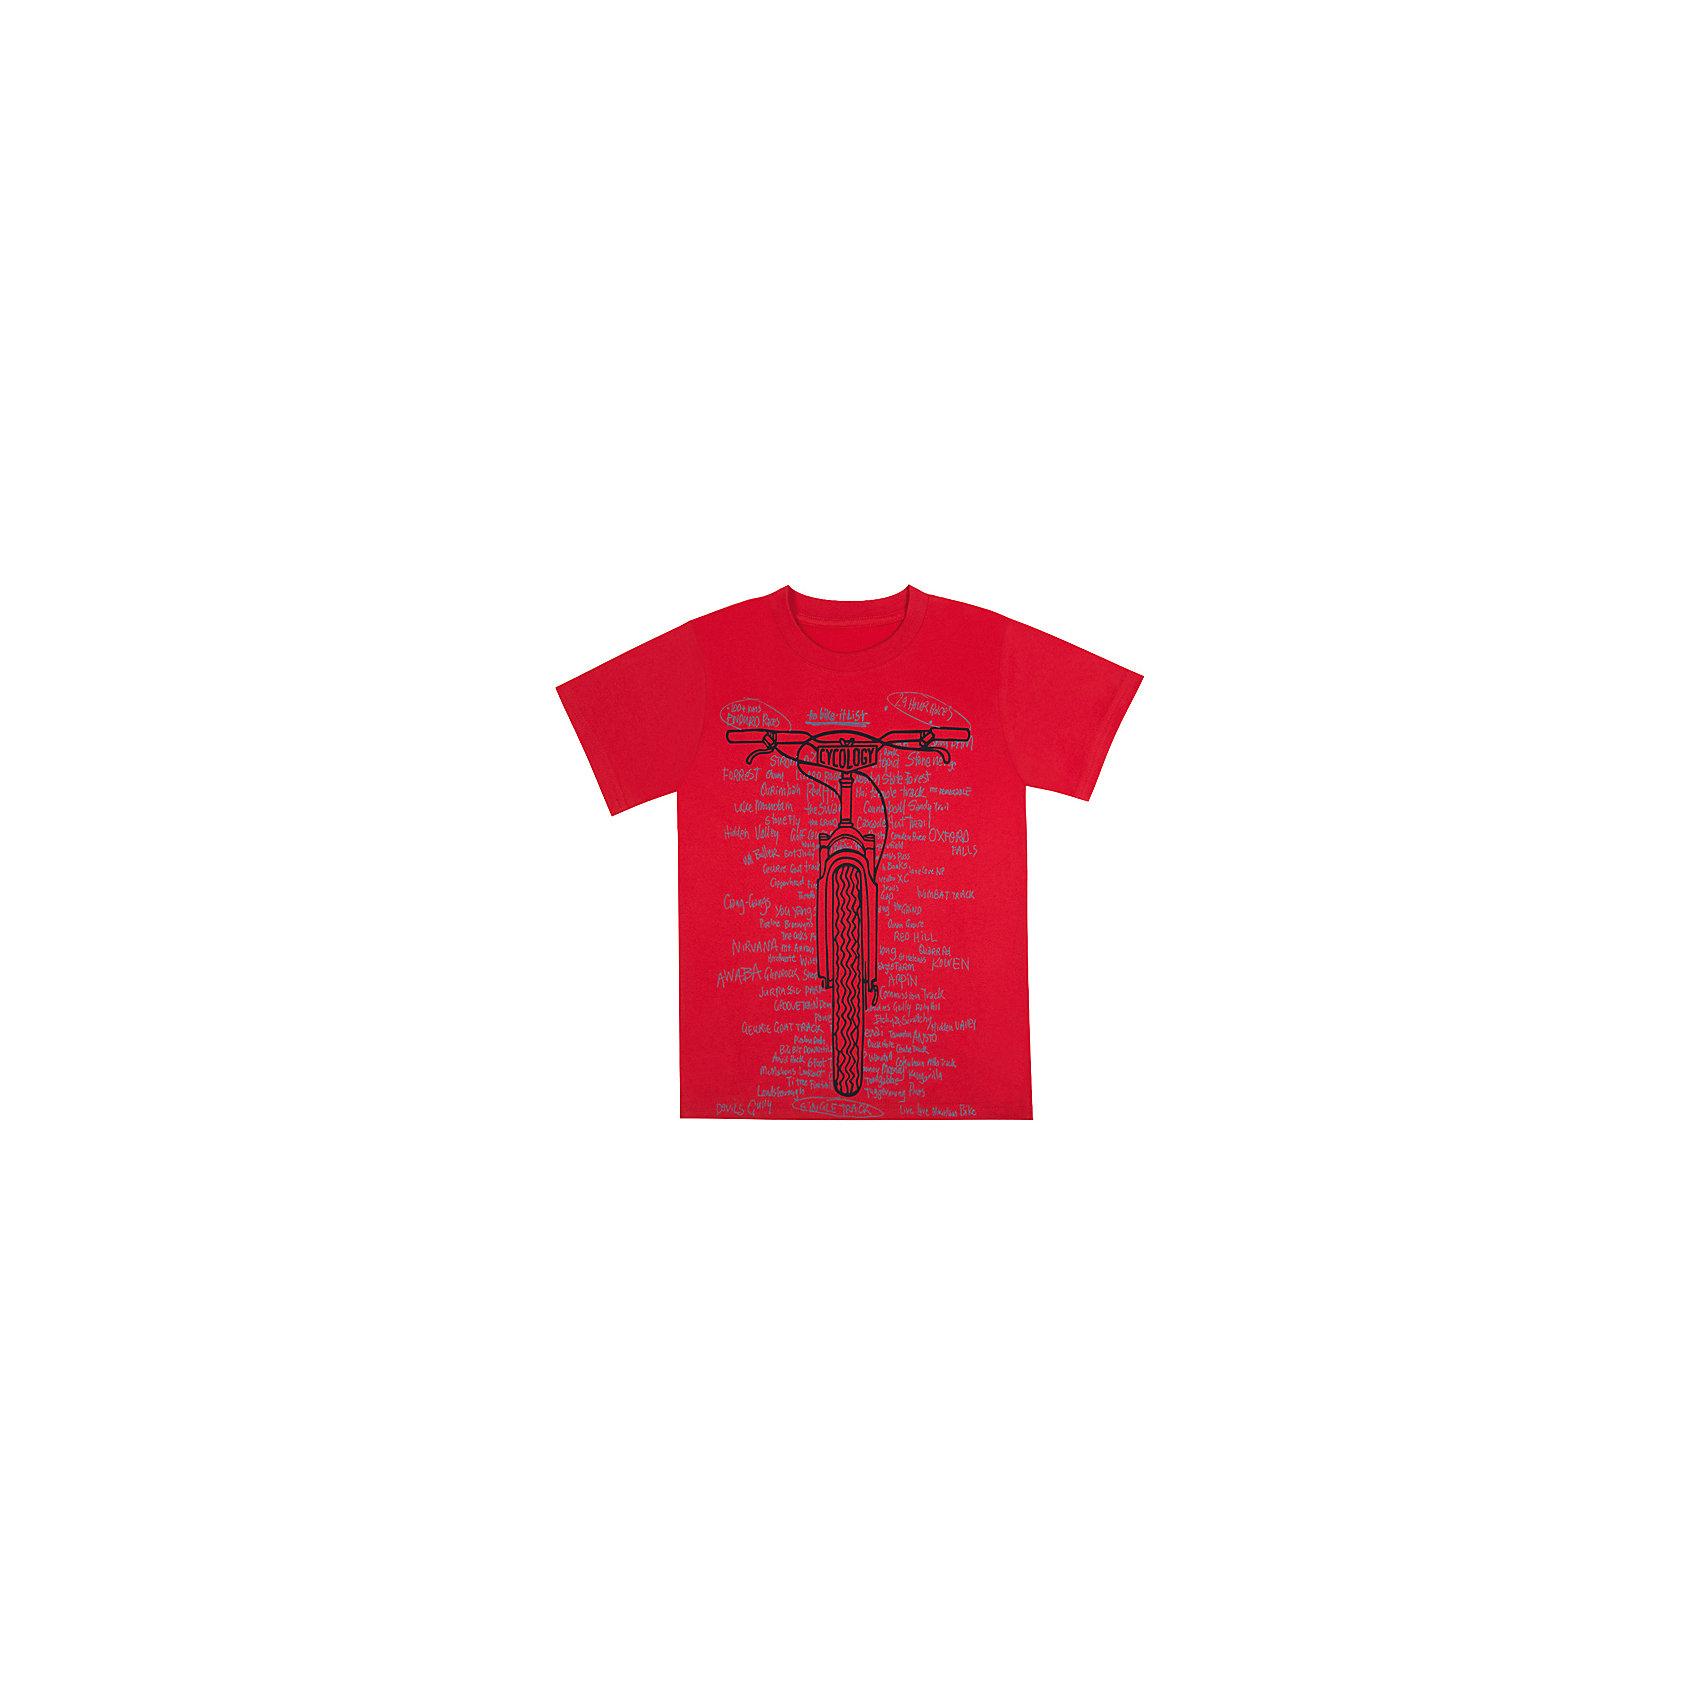 Футболка для мальчика WOWФутболки, поло и топы<br>Футболка для мальчика WOW<br>Незаменимой вещью в  гардеробе послужит футболка с коротким рукавом. Стильная и в тоже время комфортная модель, с яркой оригинальной печатью, будет превосходно смотреться на ребенке.<br>Состав:<br>кулирная гладь 100% хлопок<br><br>Ширина мм: 199<br>Глубина мм: 10<br>Высота мм: 161<br>Вес г: 151<br>Цвет: красный<br>Возраст от месяцев: 156<br>Возраст до месяцев: 168<br>Пол: Мужской<br>Возраст: Детский<br>Размер: 164,128,134,140,146,152,158<br>SKU: 6871863